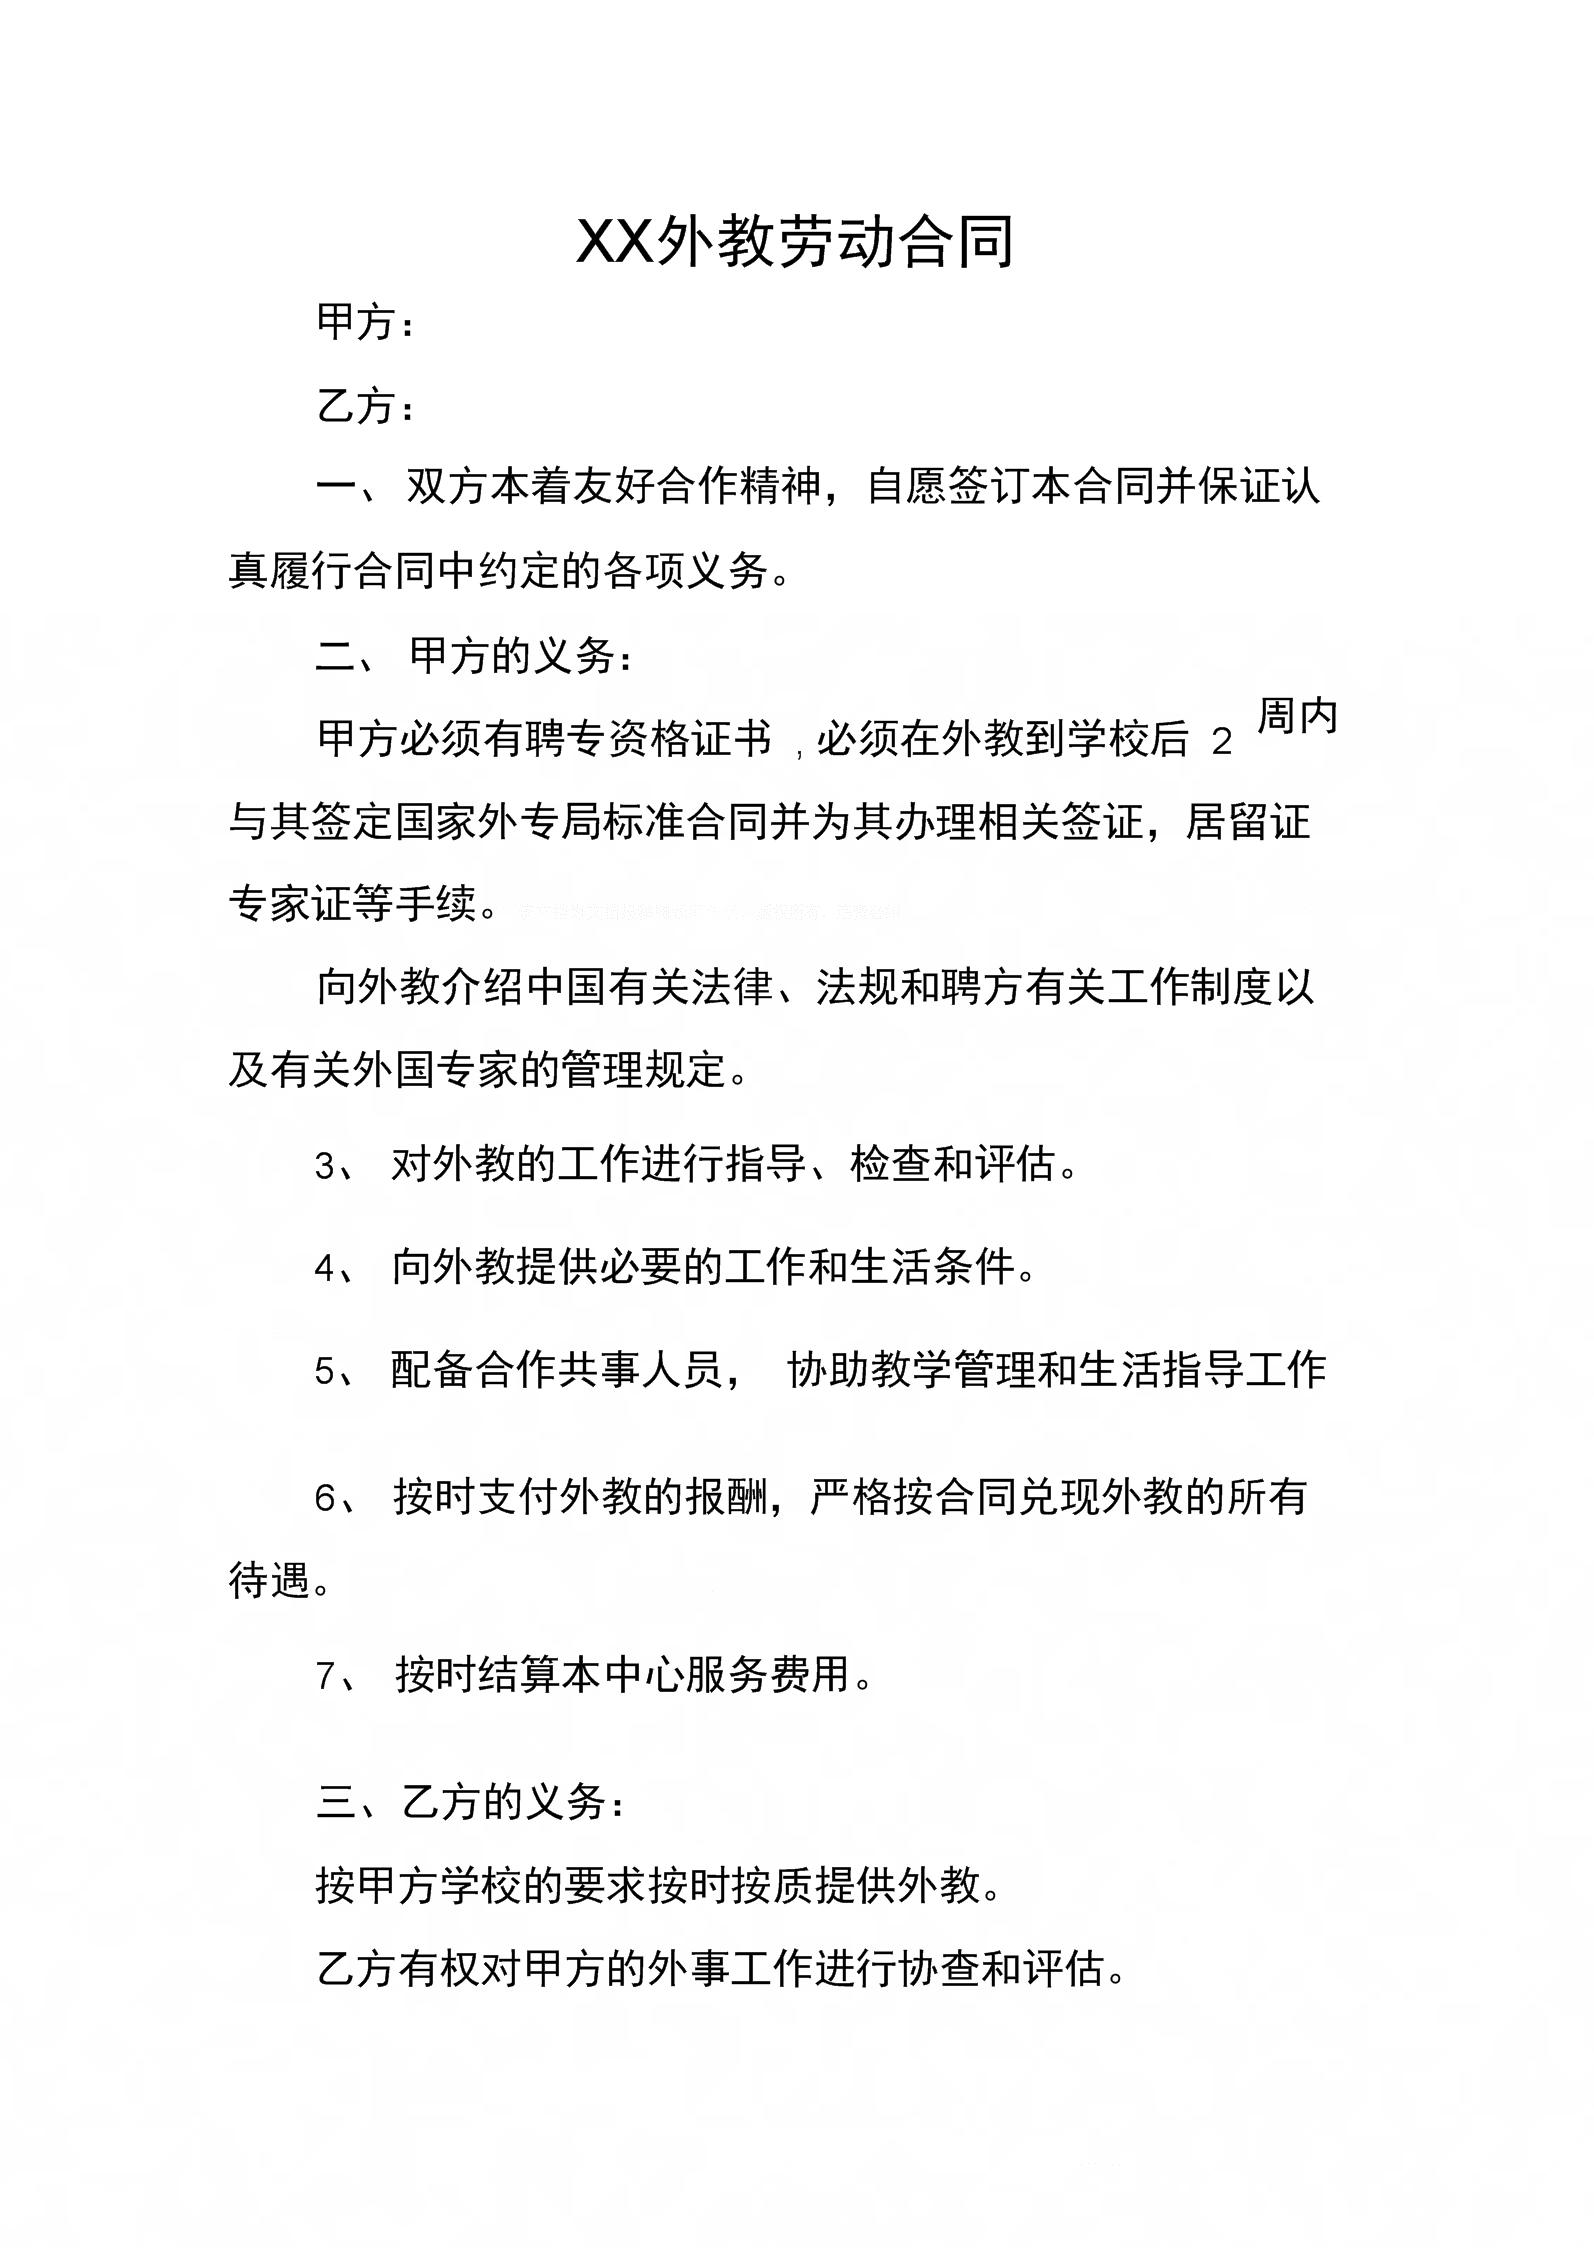 外教劳动合同.docx